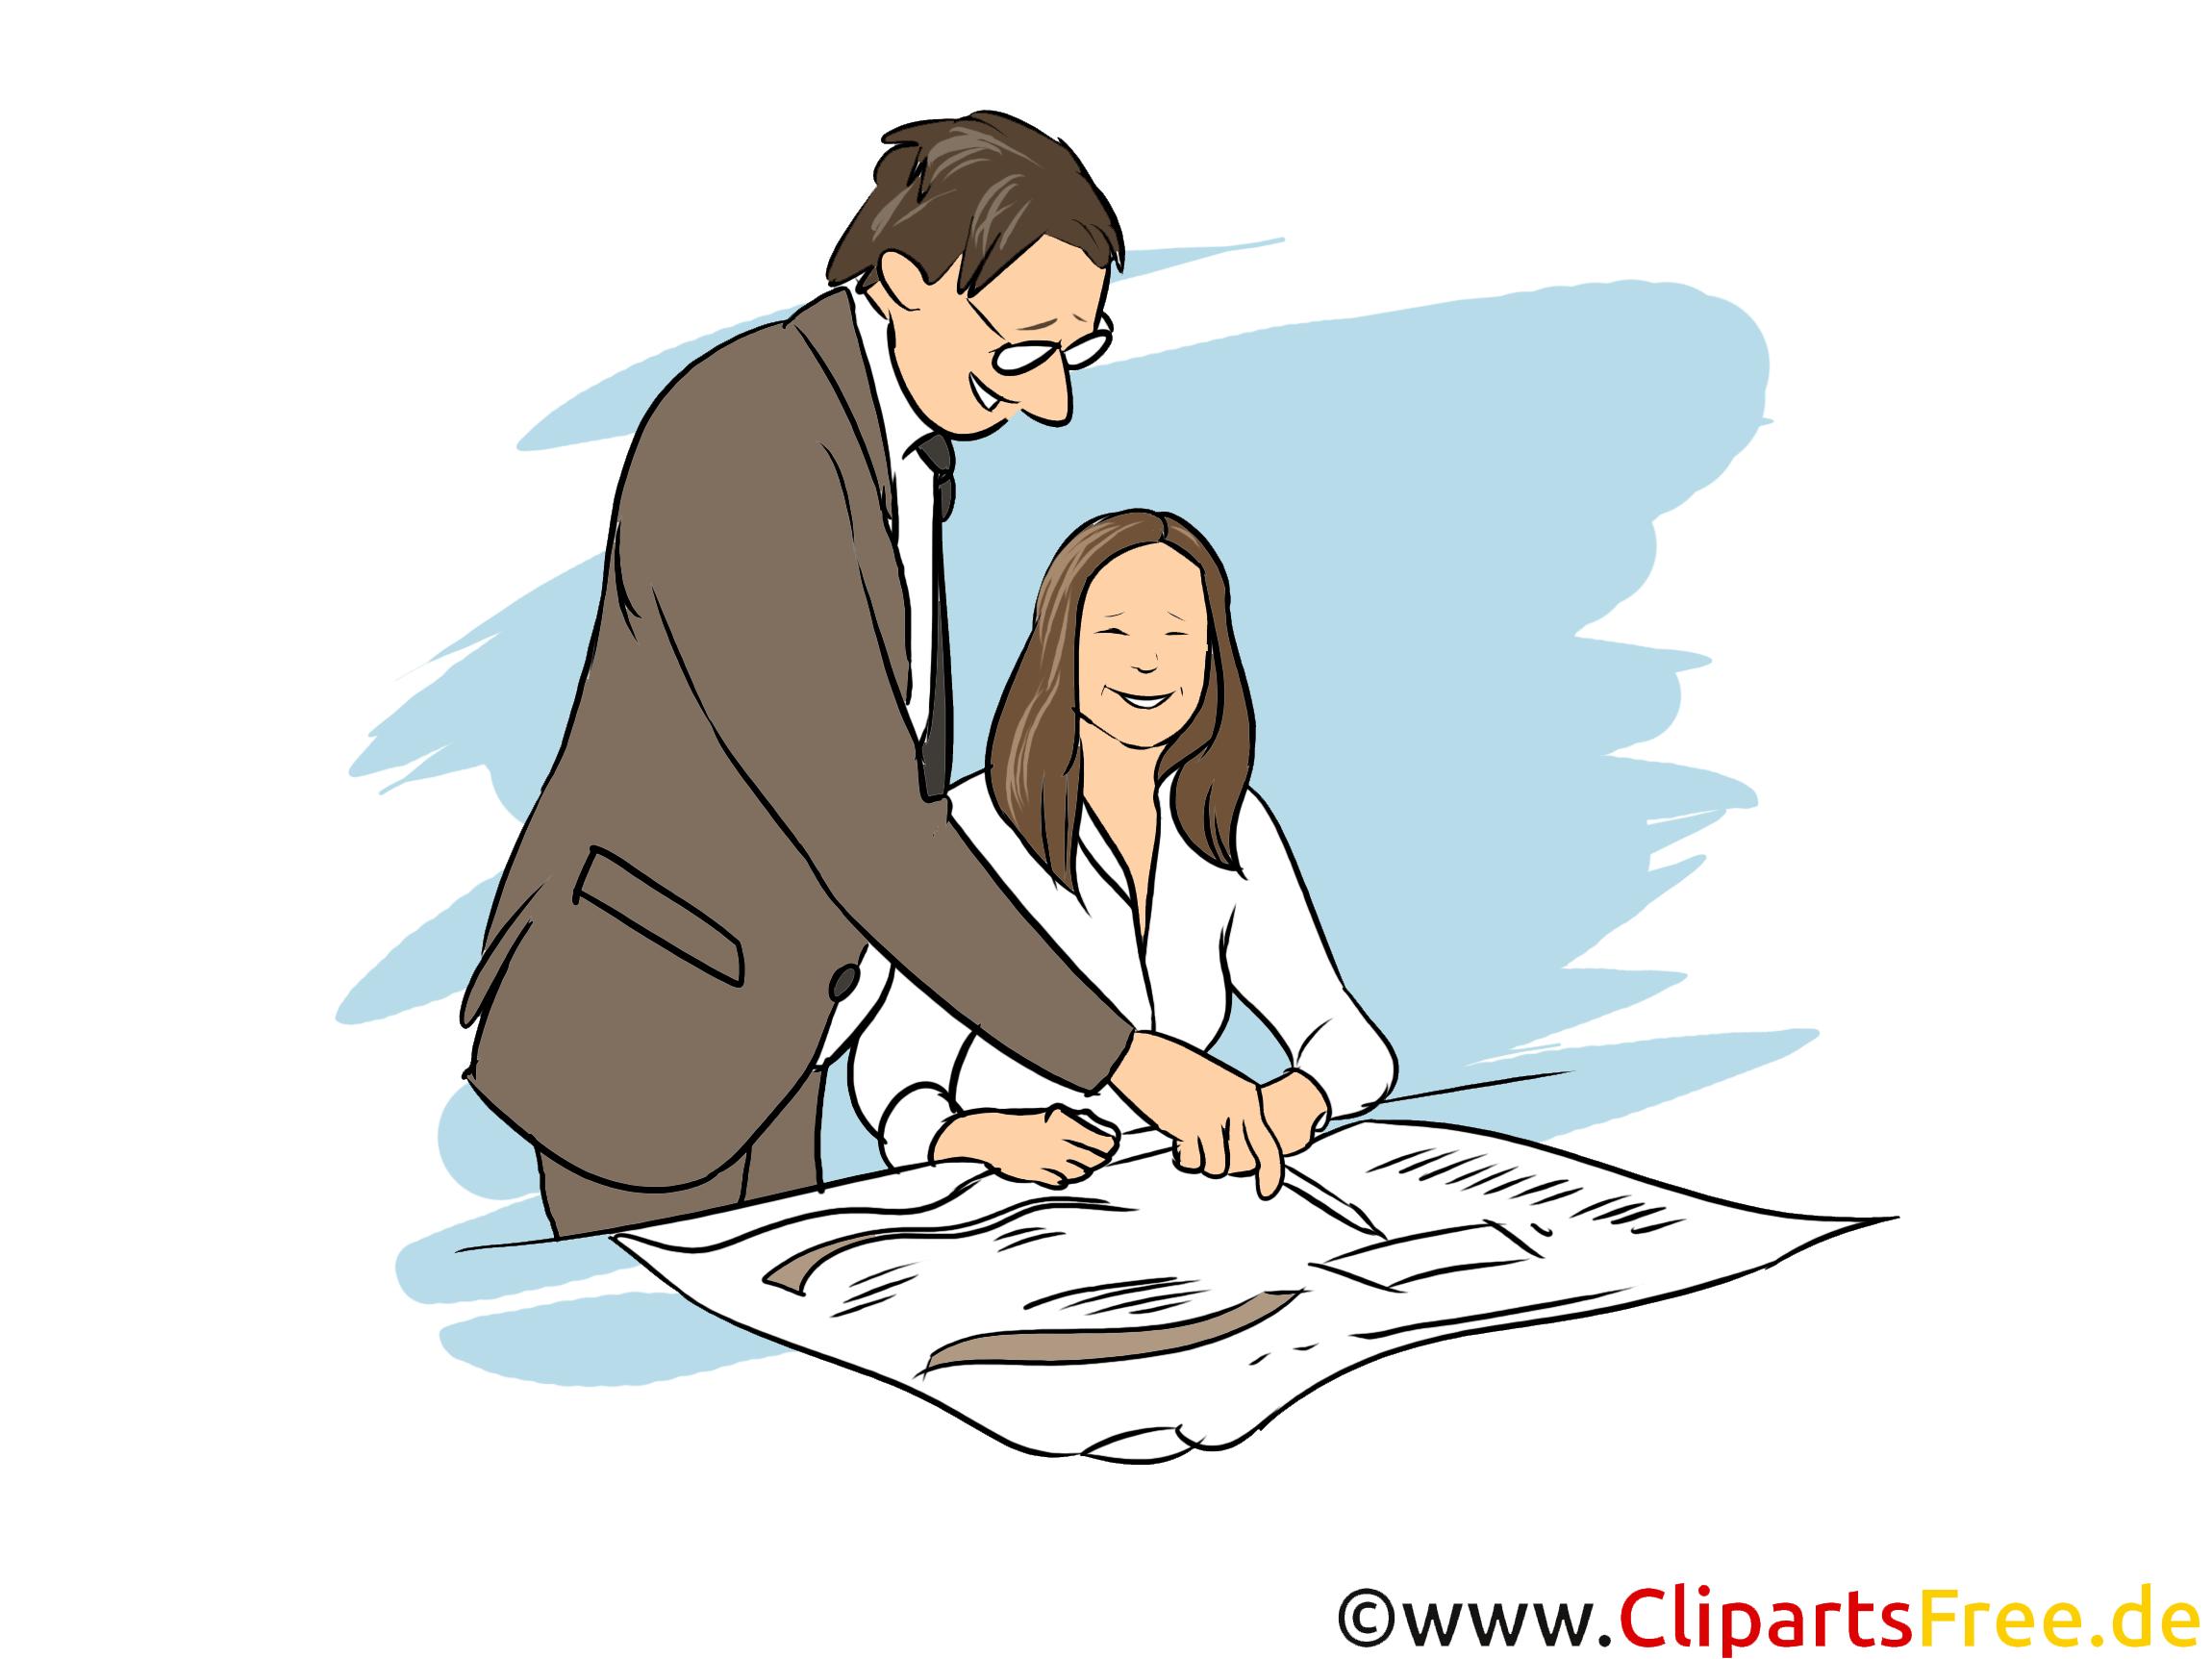 Kaufmann Clipart, Bild, Grafik zum Thema Ausbildungsberufe